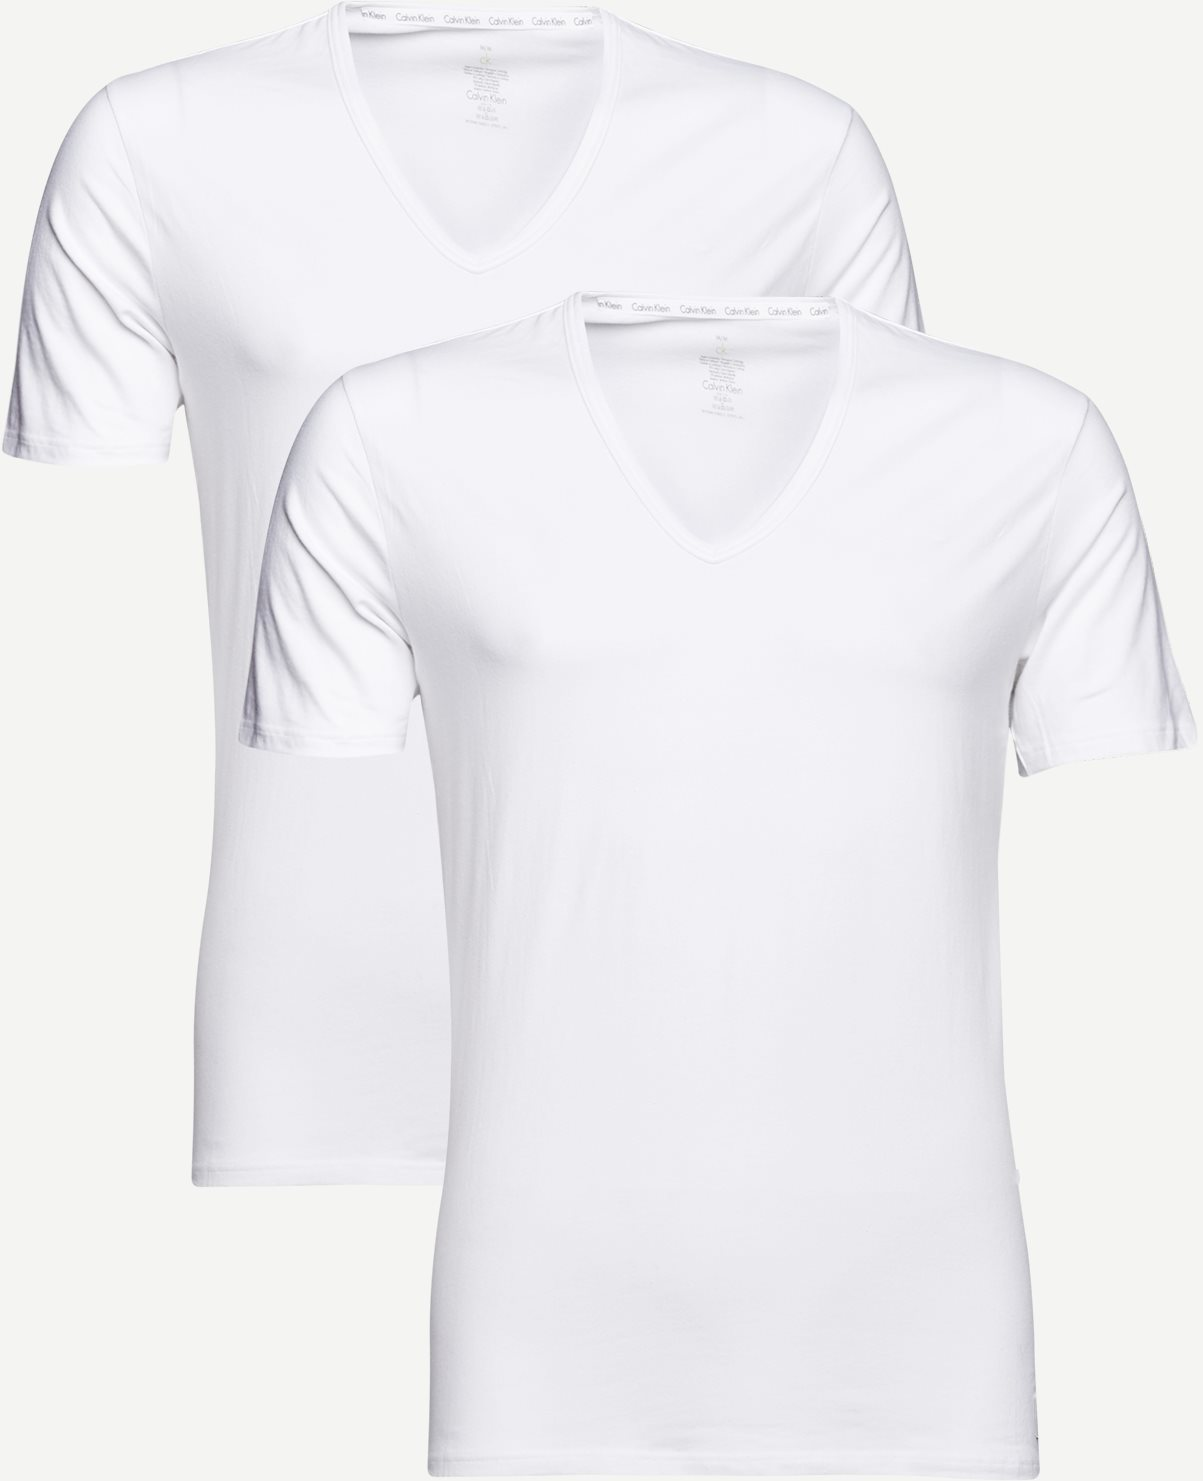 Unterwäsche - Slim fit - Weiß